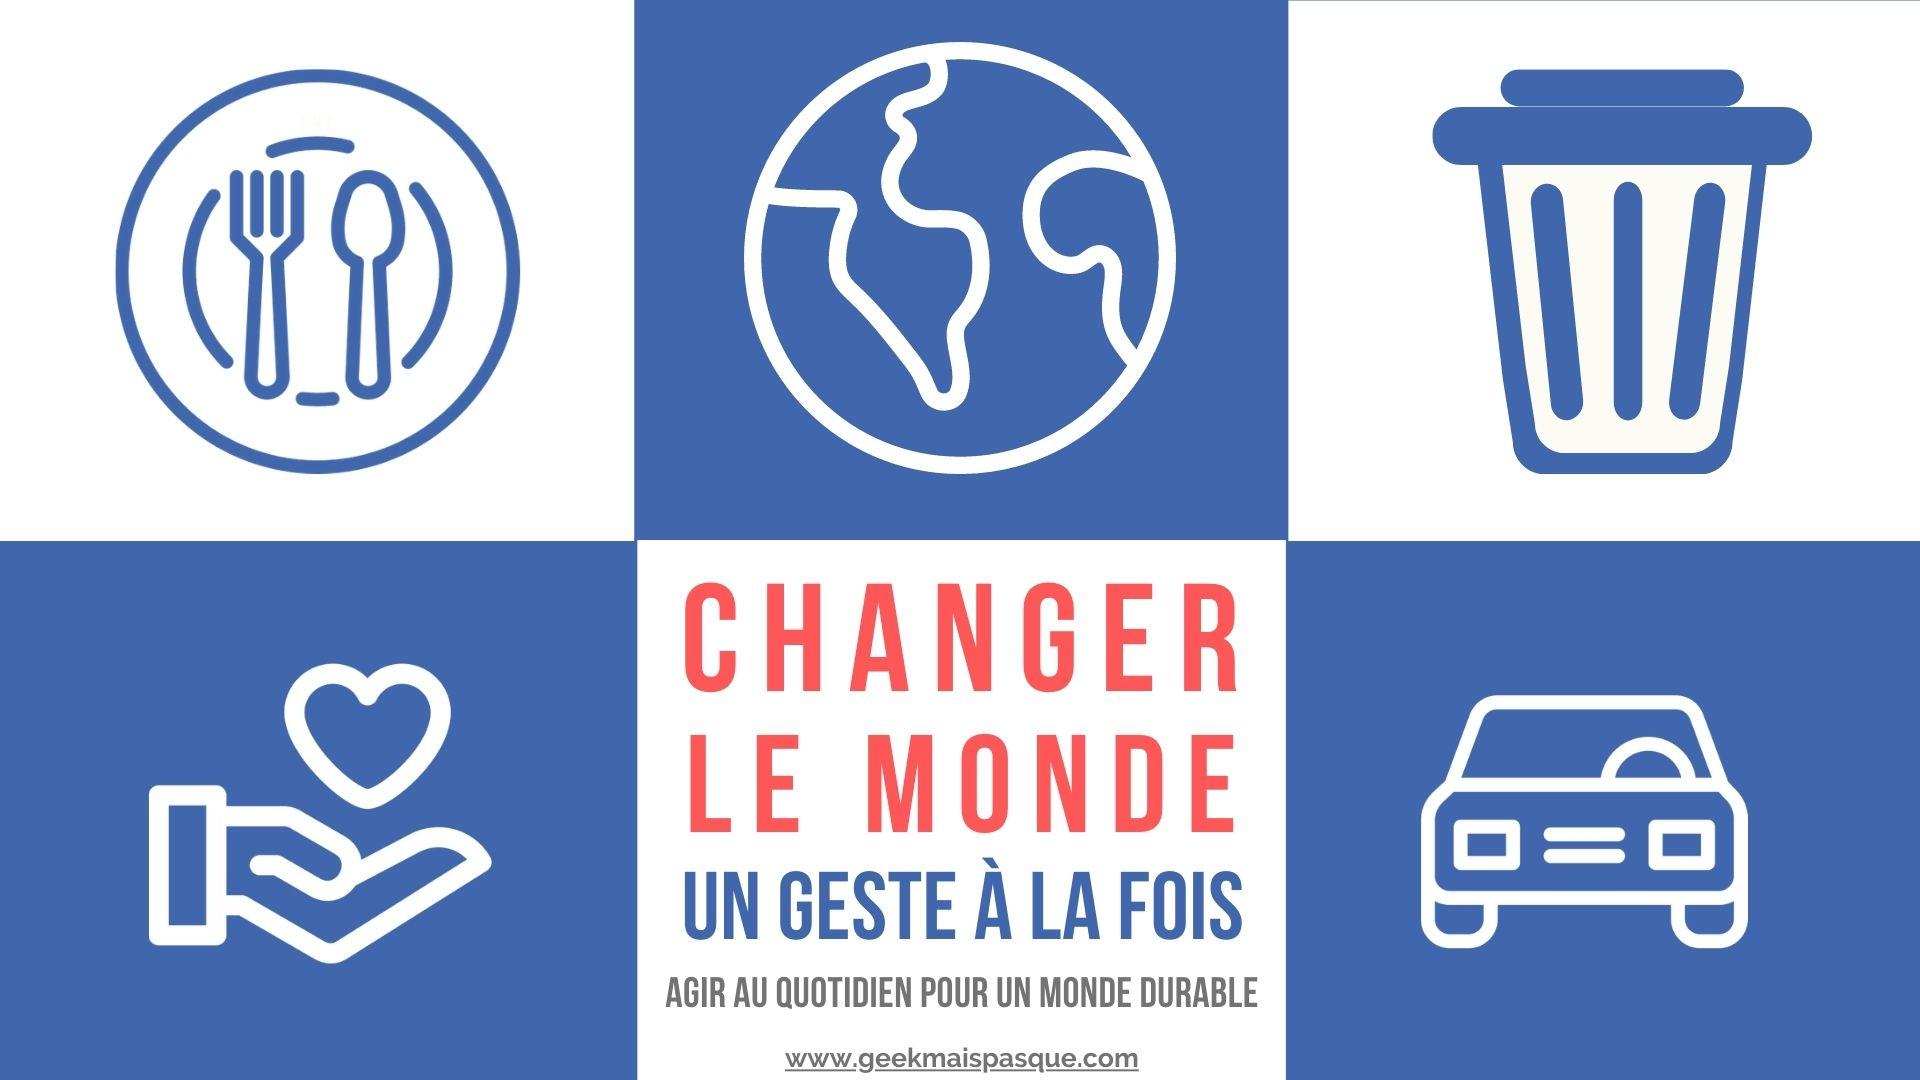 Guide Changer le monde